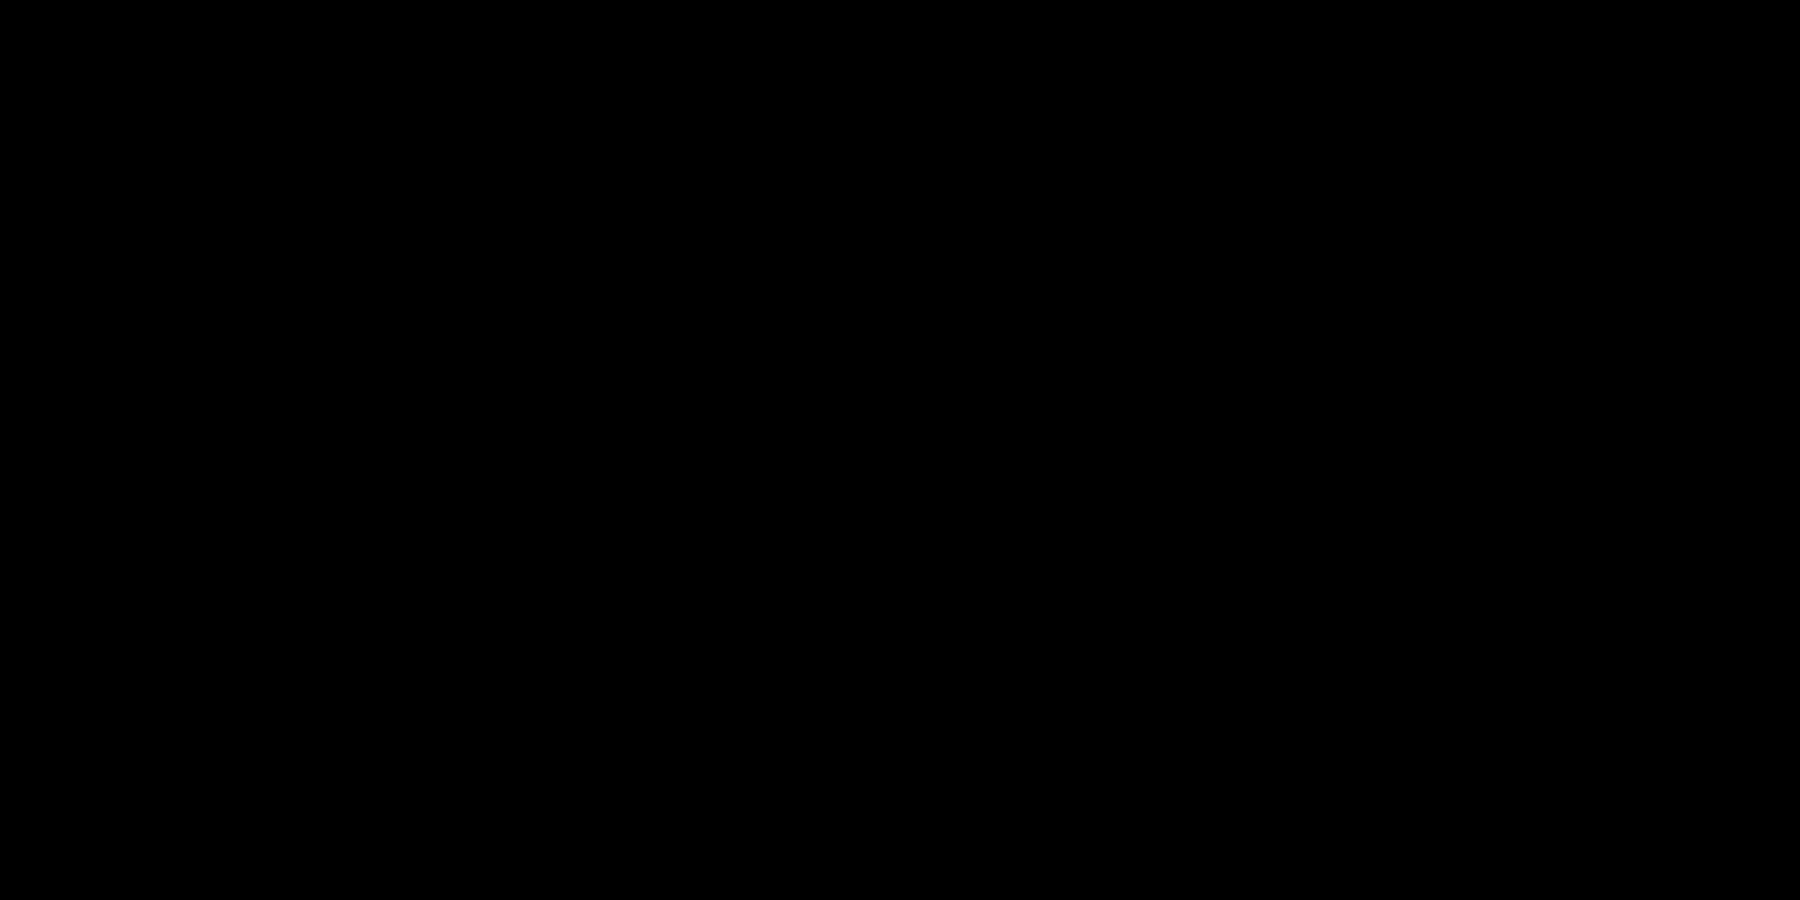 半島青年商會【領袖才能組】樂聚半島非凡50呈獻:第四屆《與未來對話 領袖傳承 》最終回 – 與CEO聚餐及領袖傳承閉幕禮